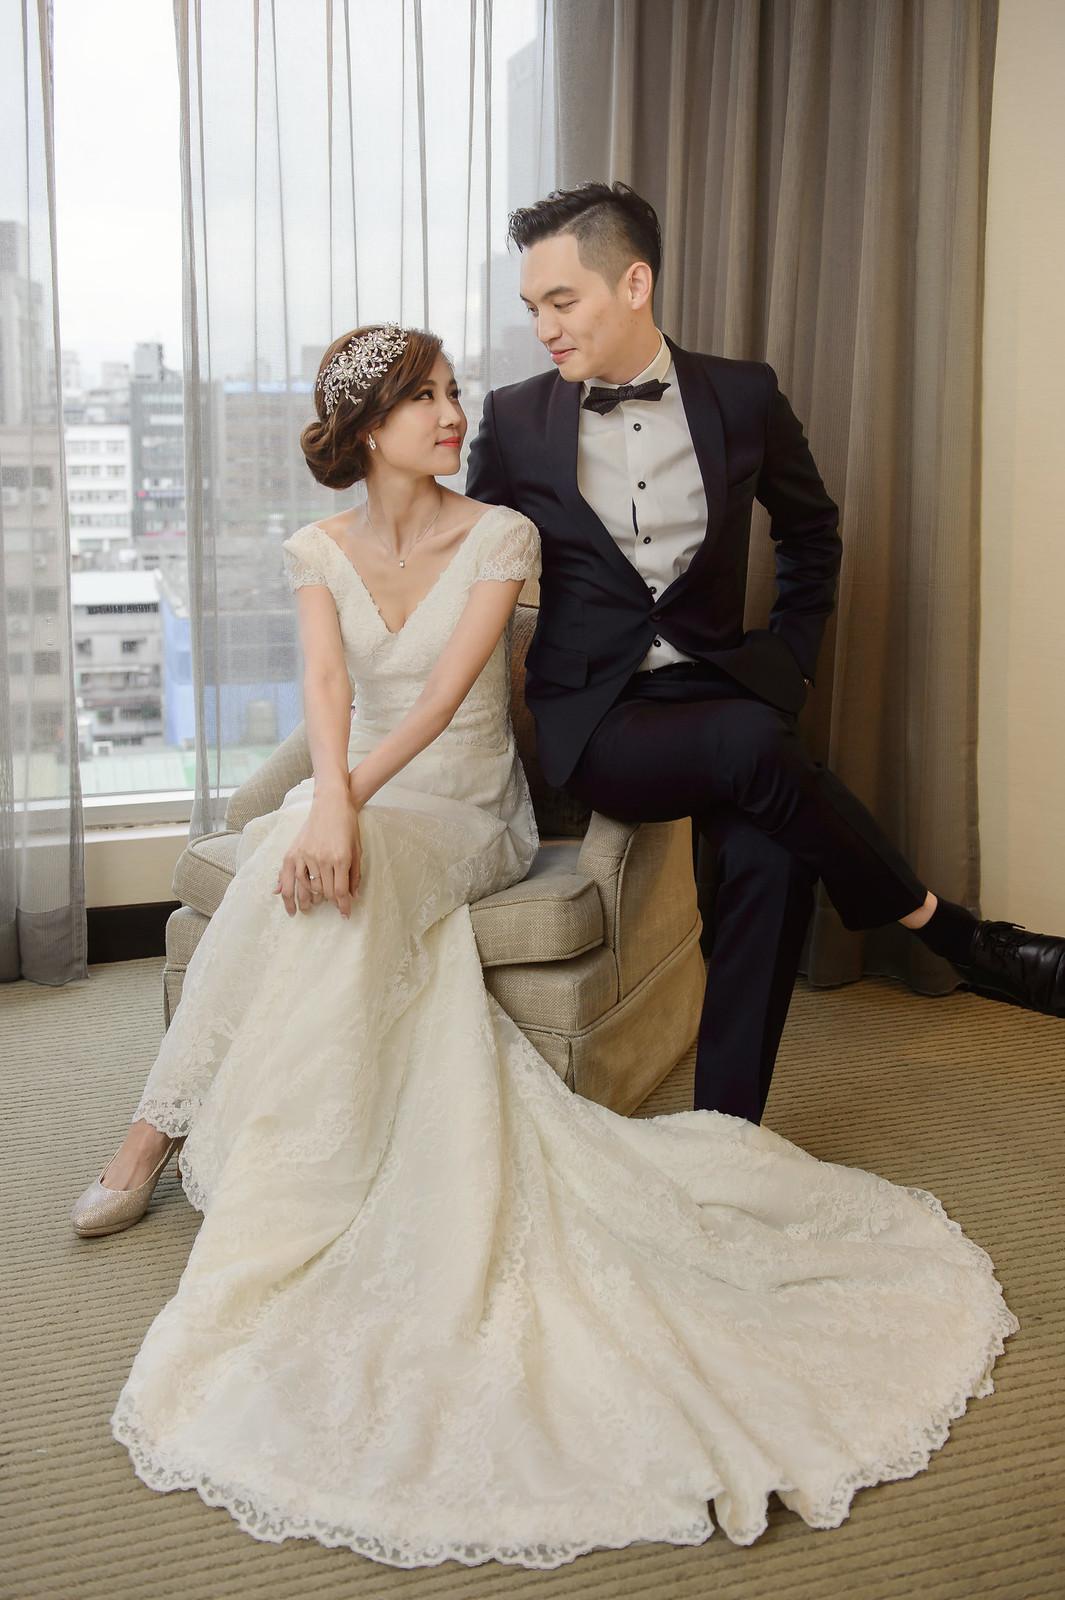 台北婚攝, 婚禮攝影, 婚攝, 婚攝守恆, 婚攝推薦, 晶華酒店, 晶華酒店婚宴, 晶華酒店婚攝-16